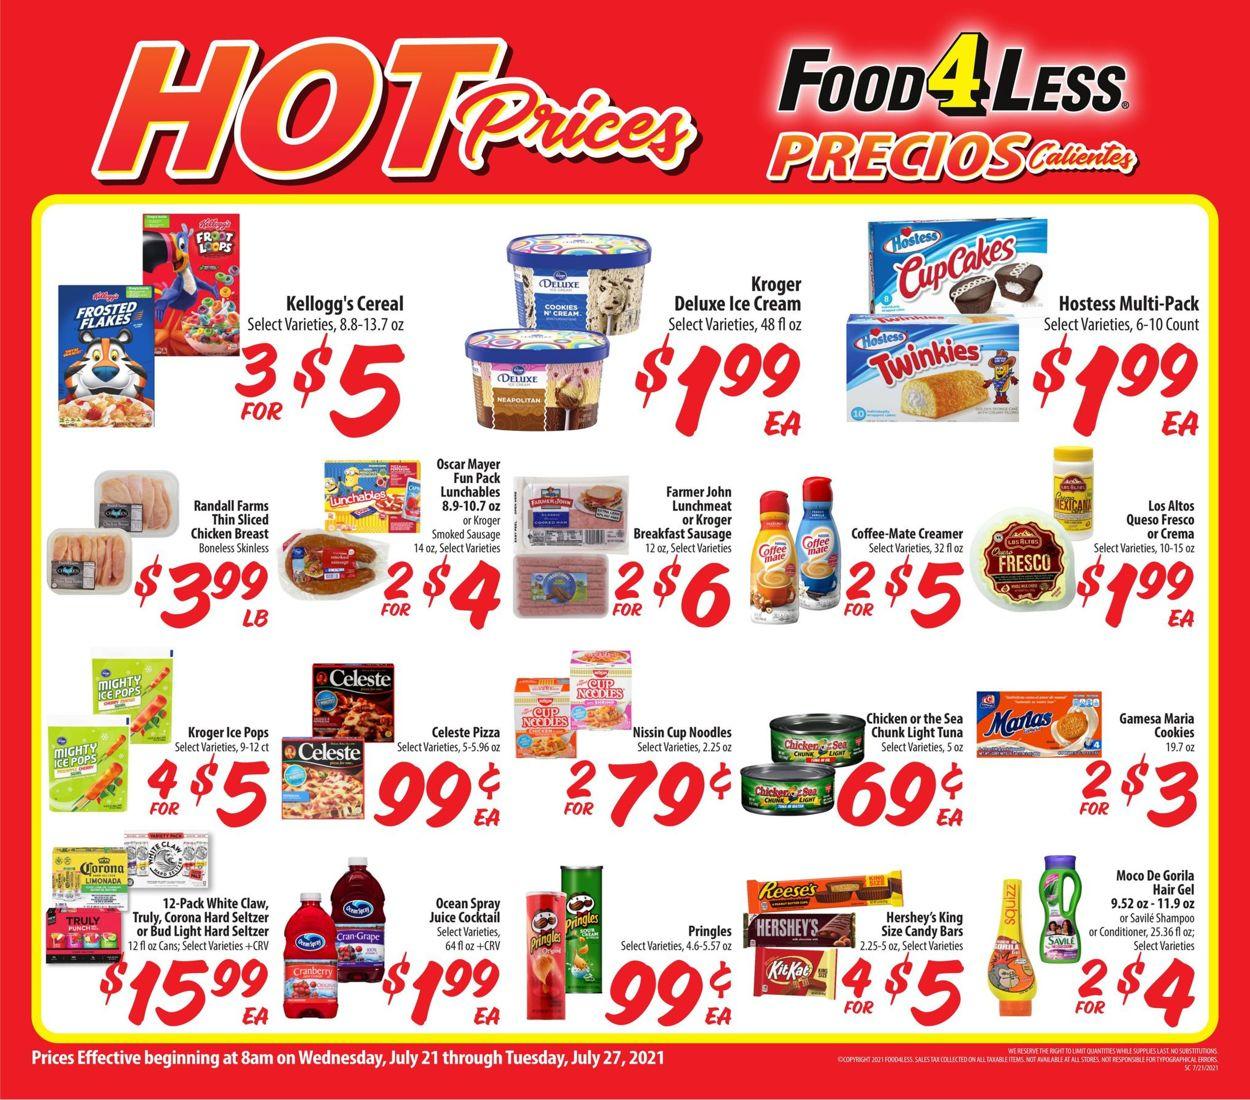 Food 4 Less Weekly Ad Circular - valid 07/21-07/27/2021 (Page 2)